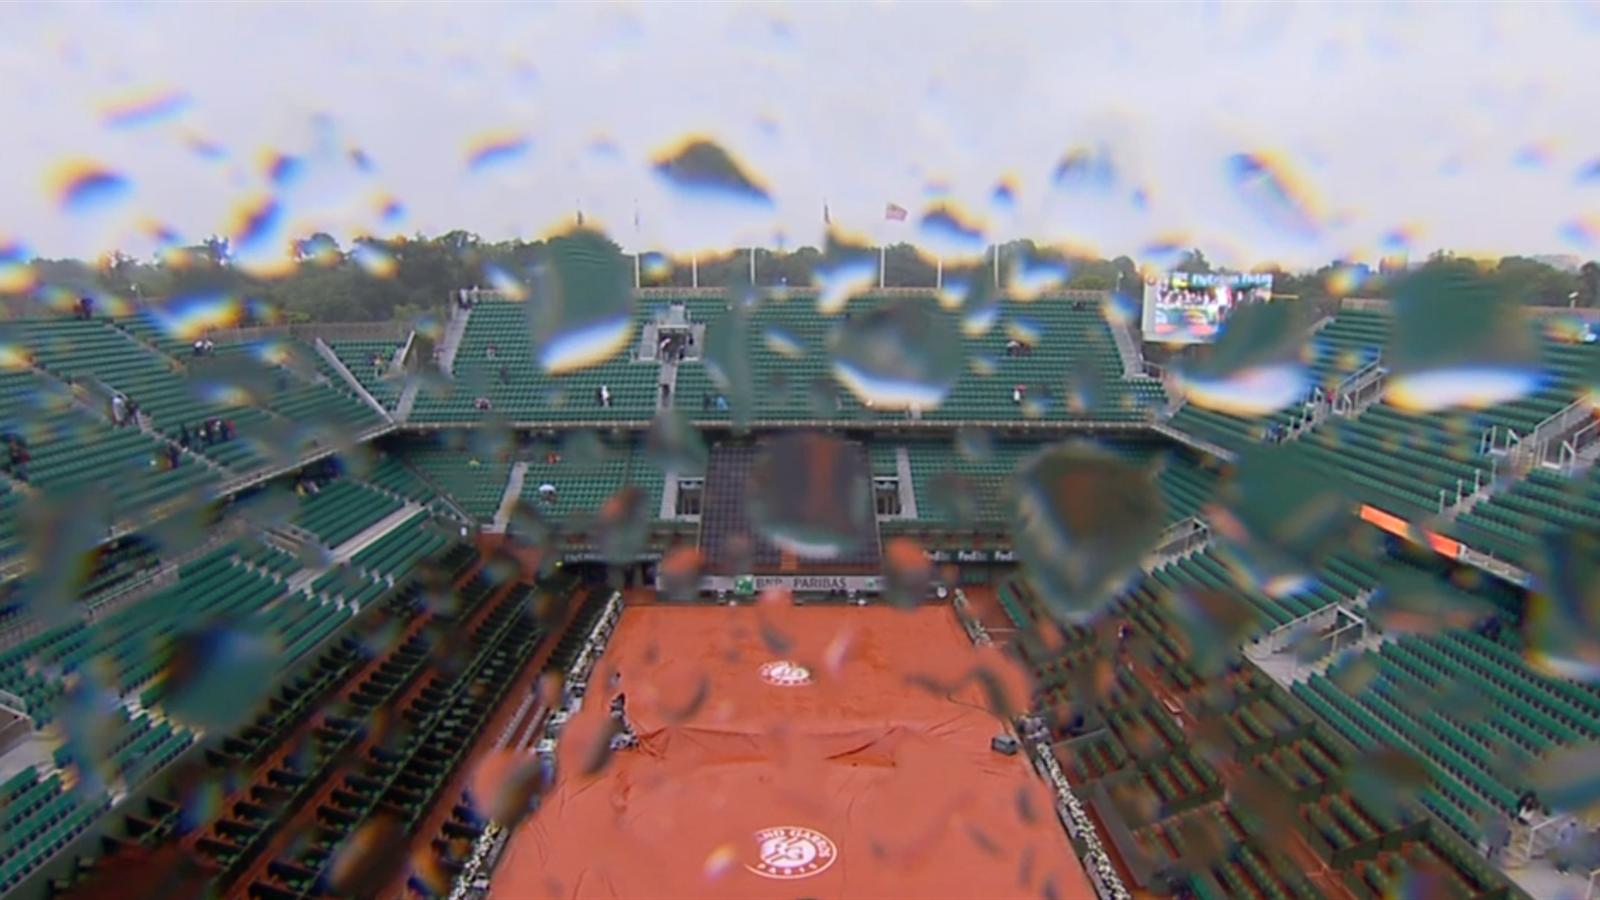 Matches interrompus par la pluie pas de reprise avant 17h30 roland garros - Bois noirci par la pluie ...